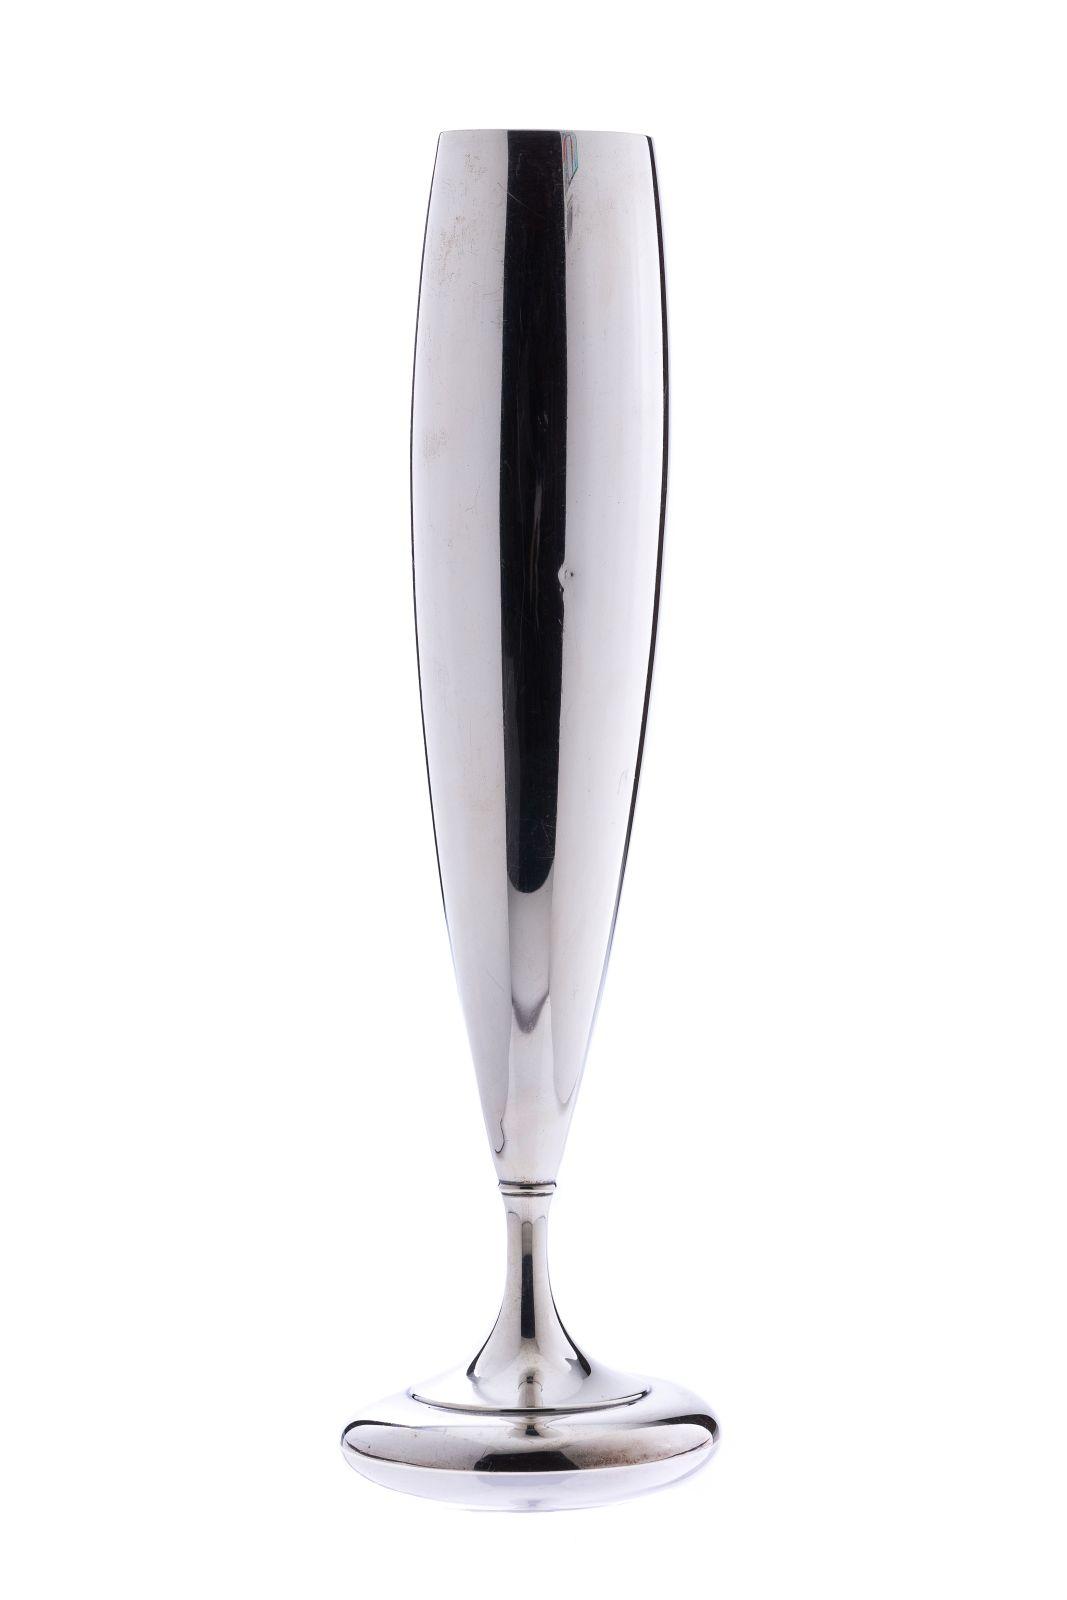 #111 Silver vase   Silbervase Image